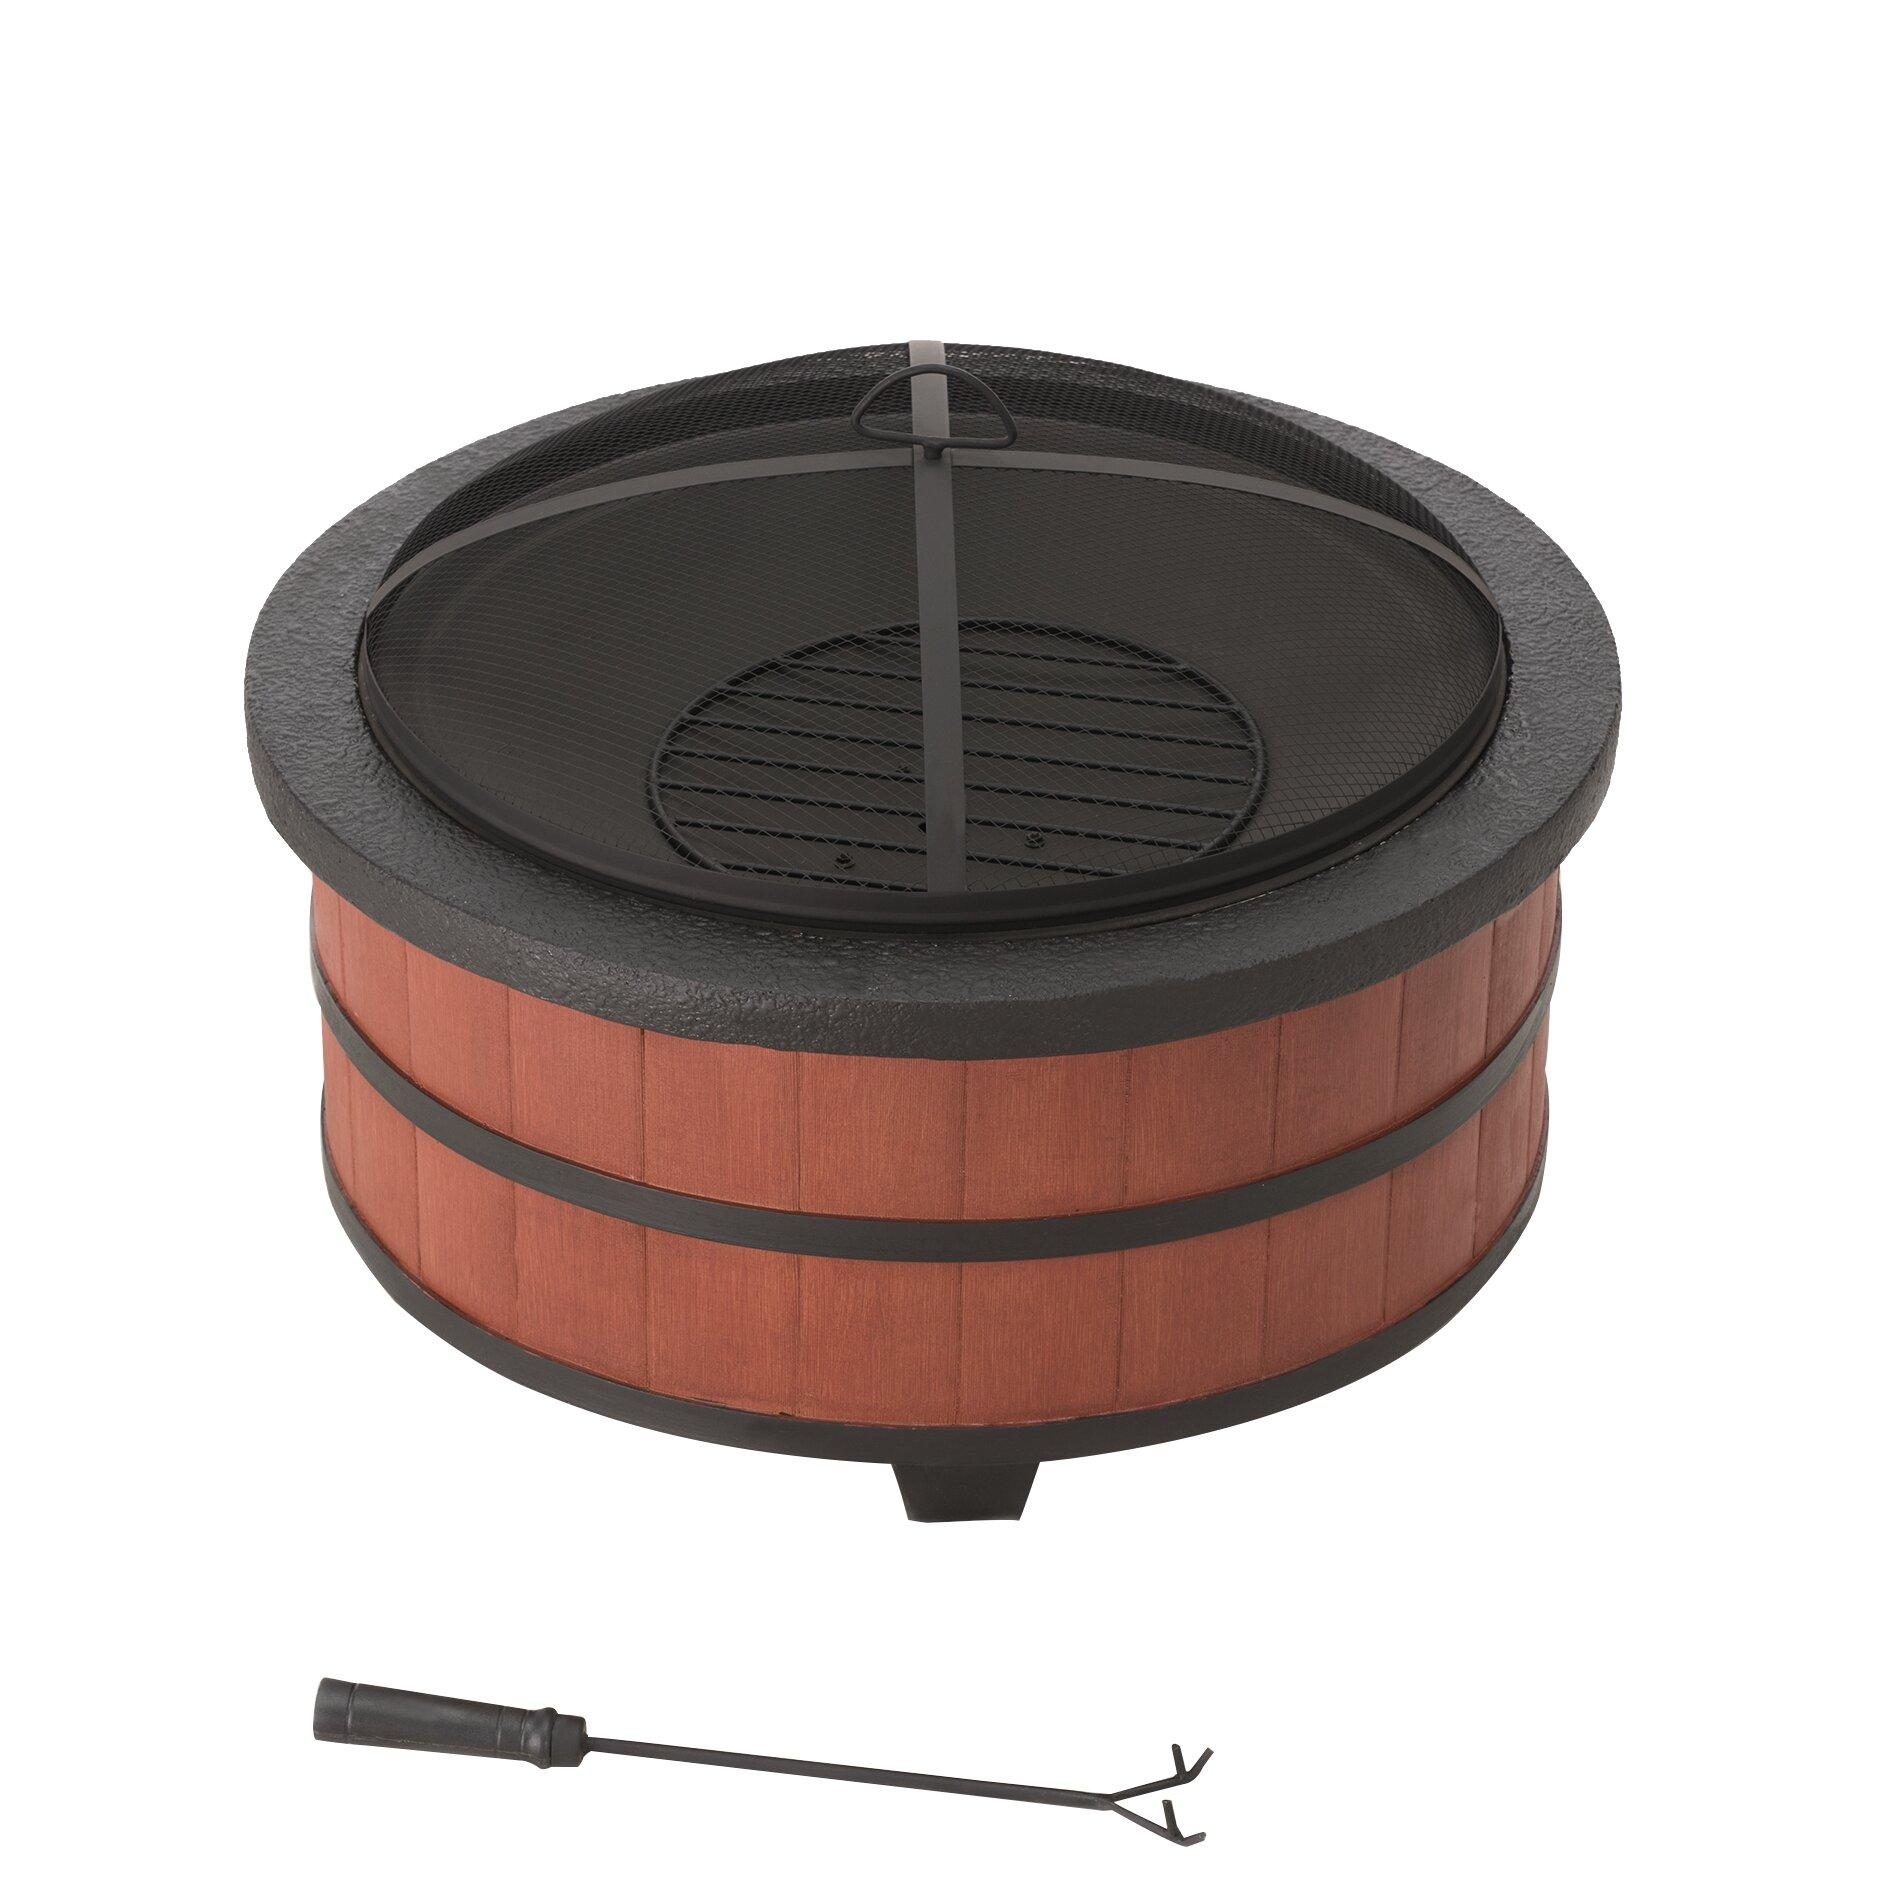 #8E4C3D Sunjoy Alta Steel Fire Pit Wayfair Brand New 5631 Sunjoy Patio  Heater Images With